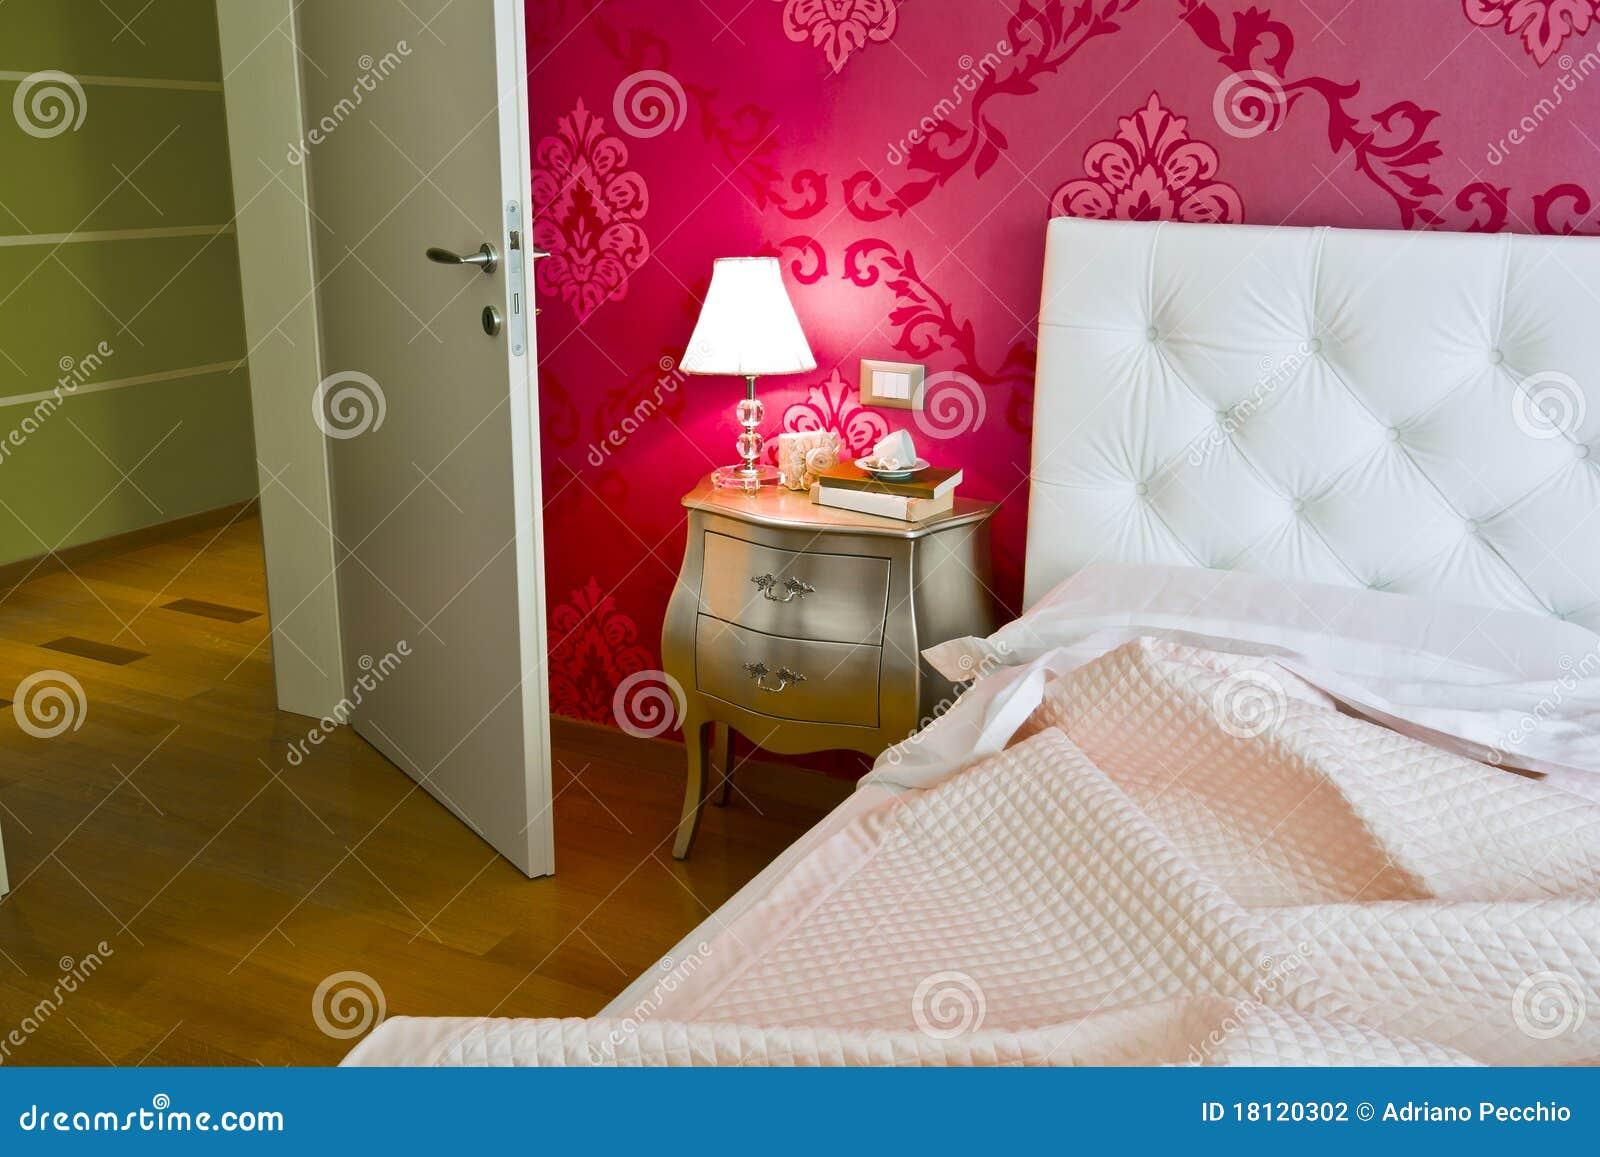 Fantastisch Download Luxux  Und Romantisches Schlafzimmer Stockfoto   Bild Von Tapete,  Dekor: 18120302